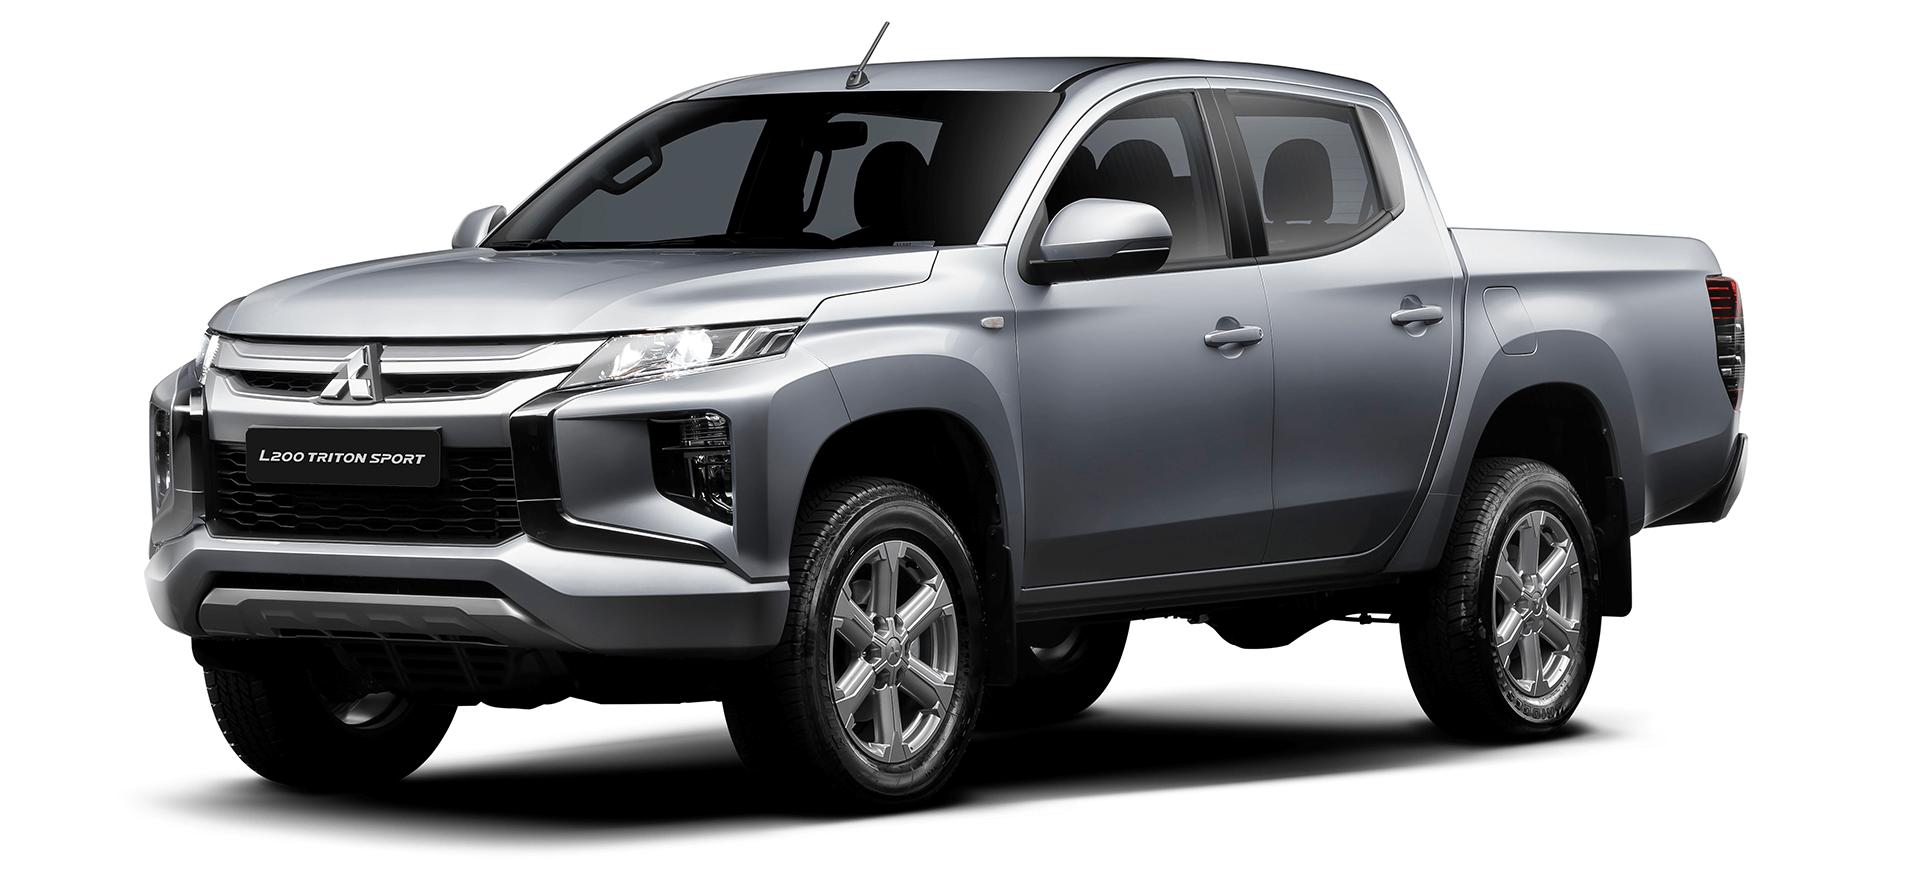 Novo L200 Triton Sport para Comprar na Concessionaria Autorizada Marcovel Mitsubishi em Rendenção e Parauapeba no Pará, PA